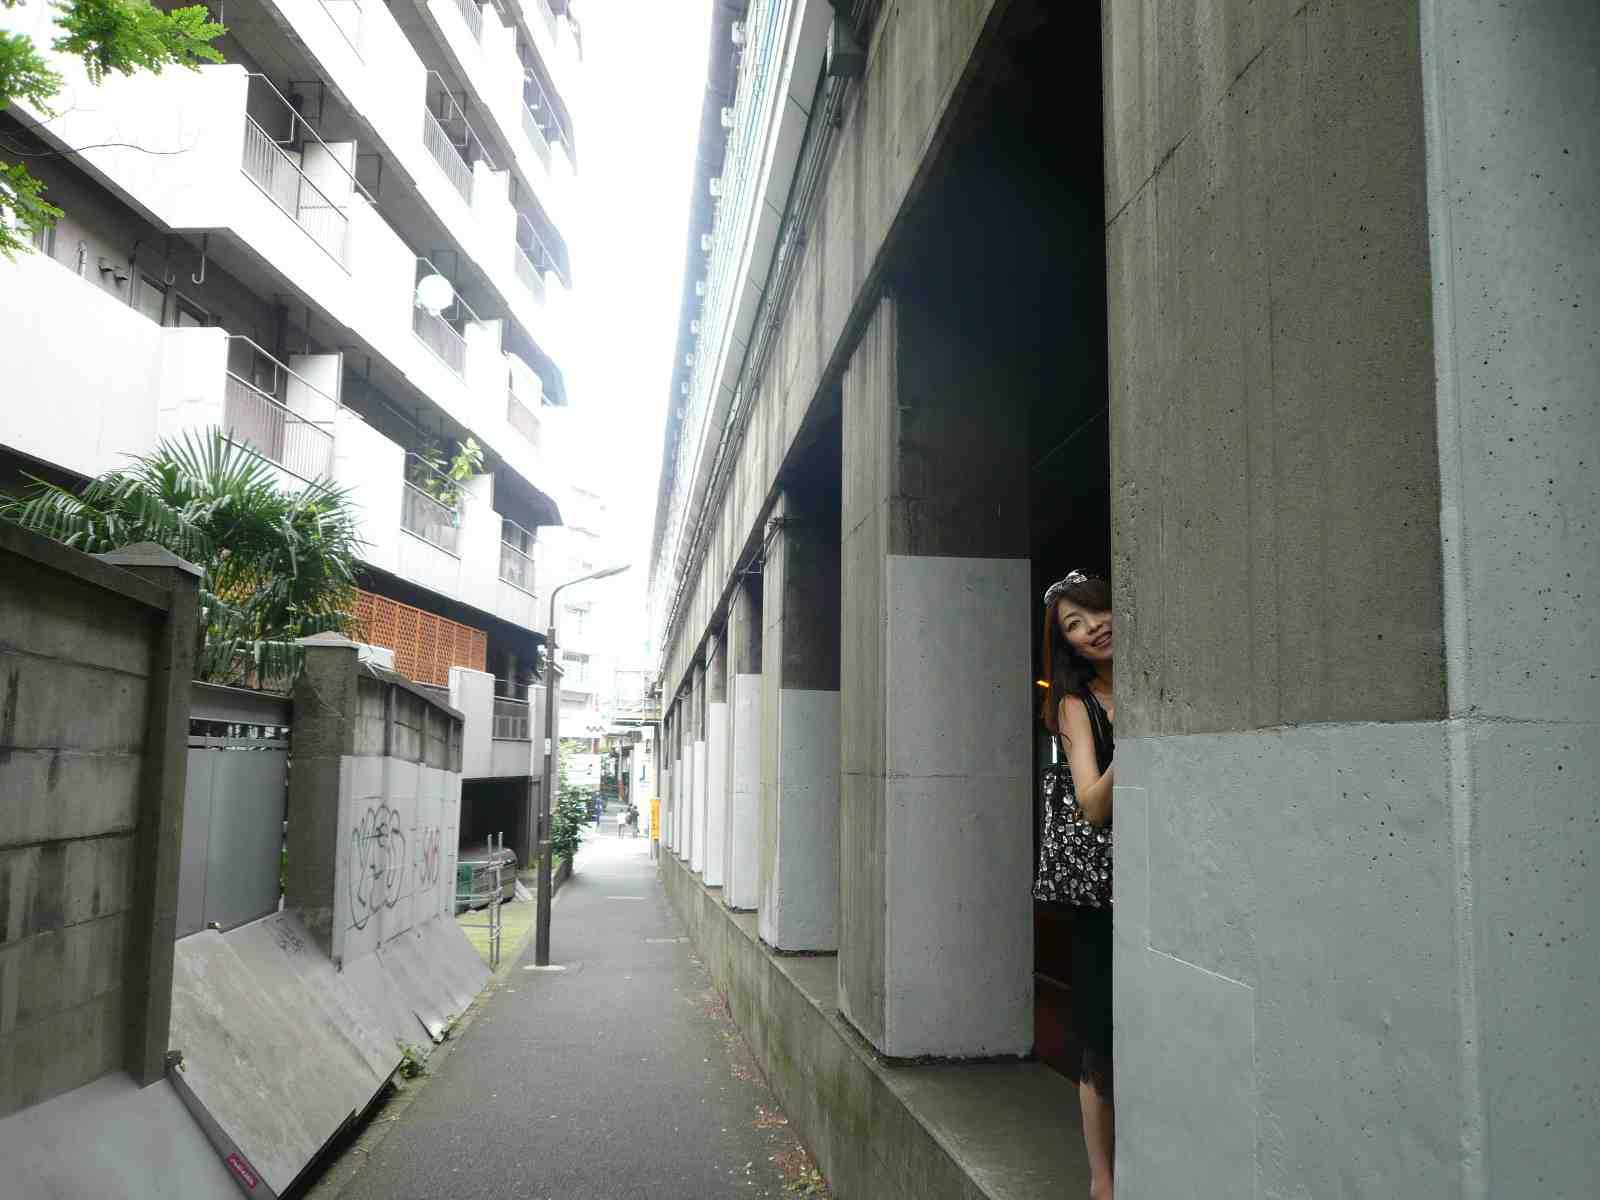 目黒〜白金までの散歩_b0099226_0444146.jpg